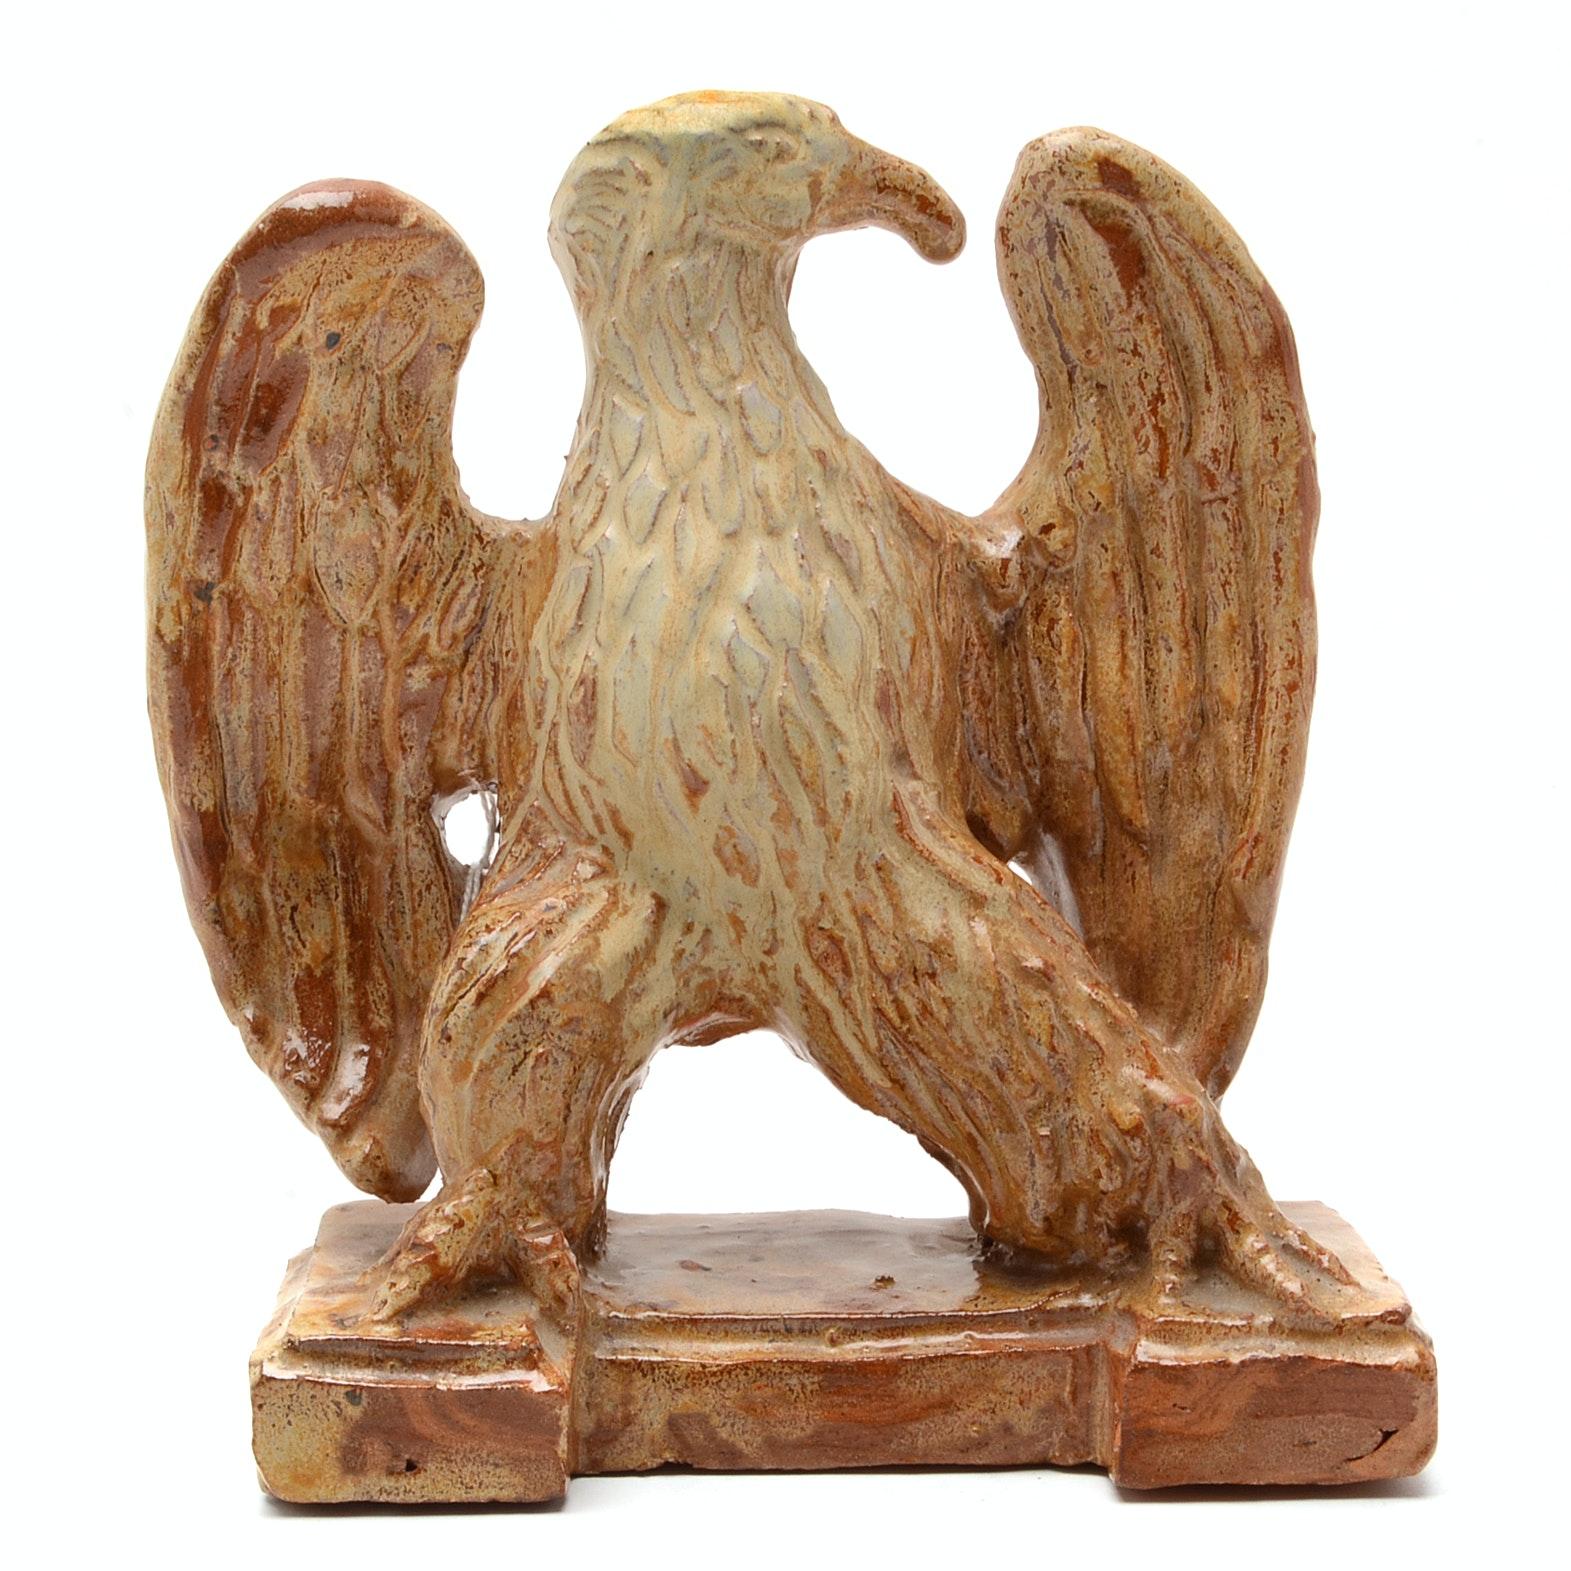 Glazed Ceramic Figure of an Eagle by Artist, Katherine L. Alden